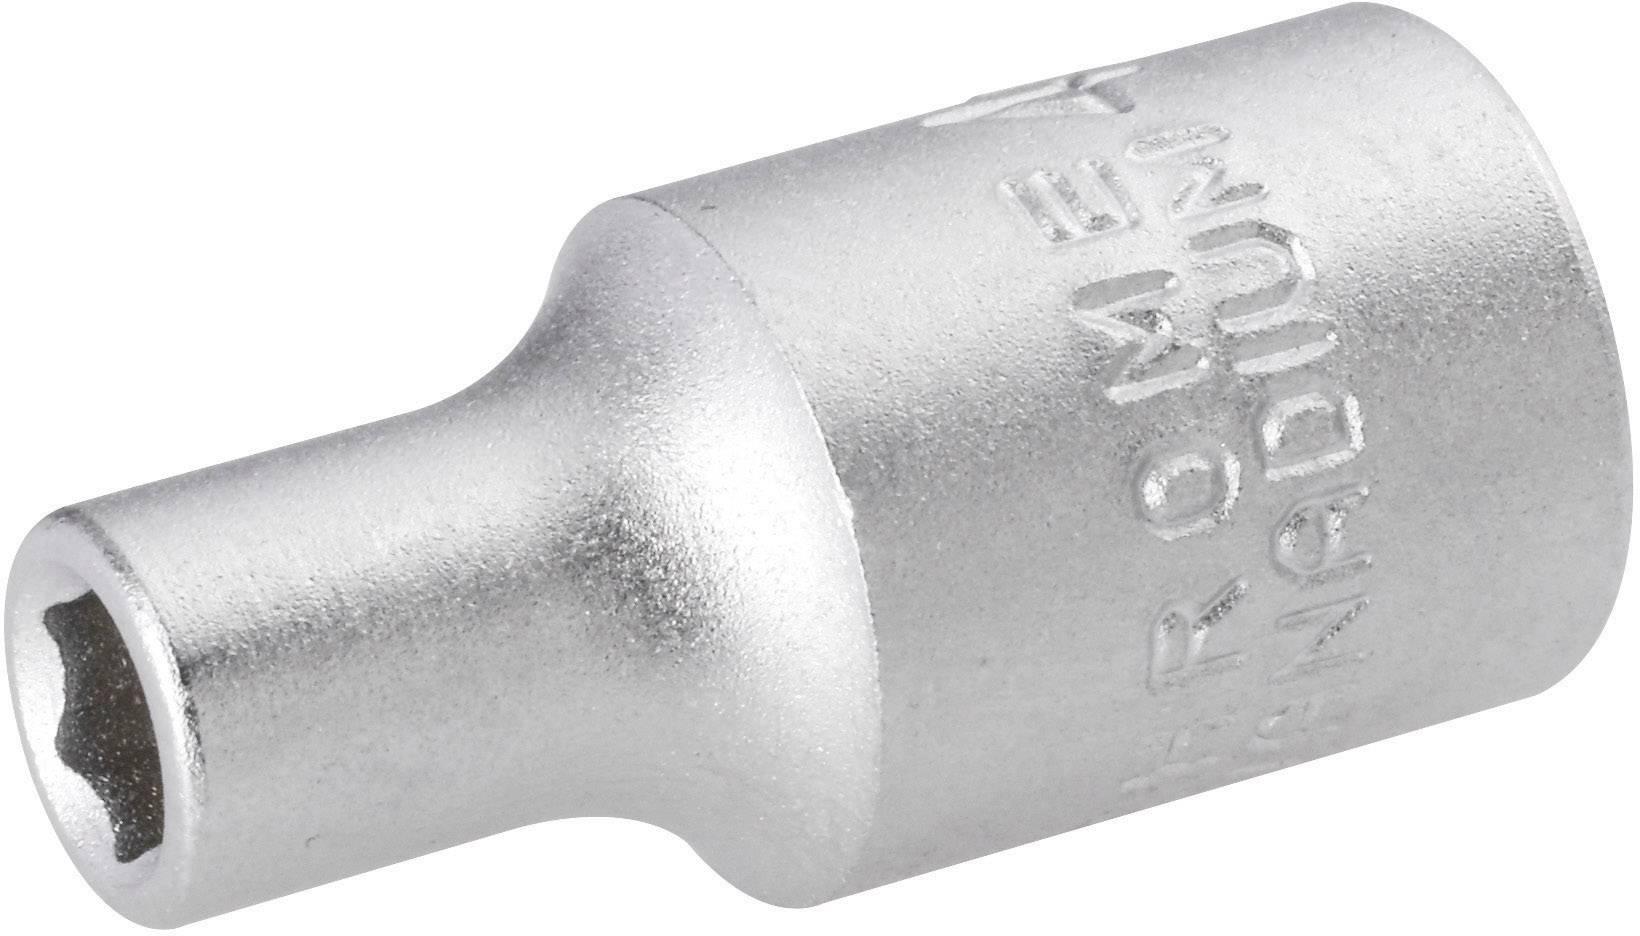 """Nástavec pro ráčnu TOOLCRAFT 820748, vnější šestihran, 1/4"""" (6,3 mm), 9 mm, chrom-vanadová ocel"""